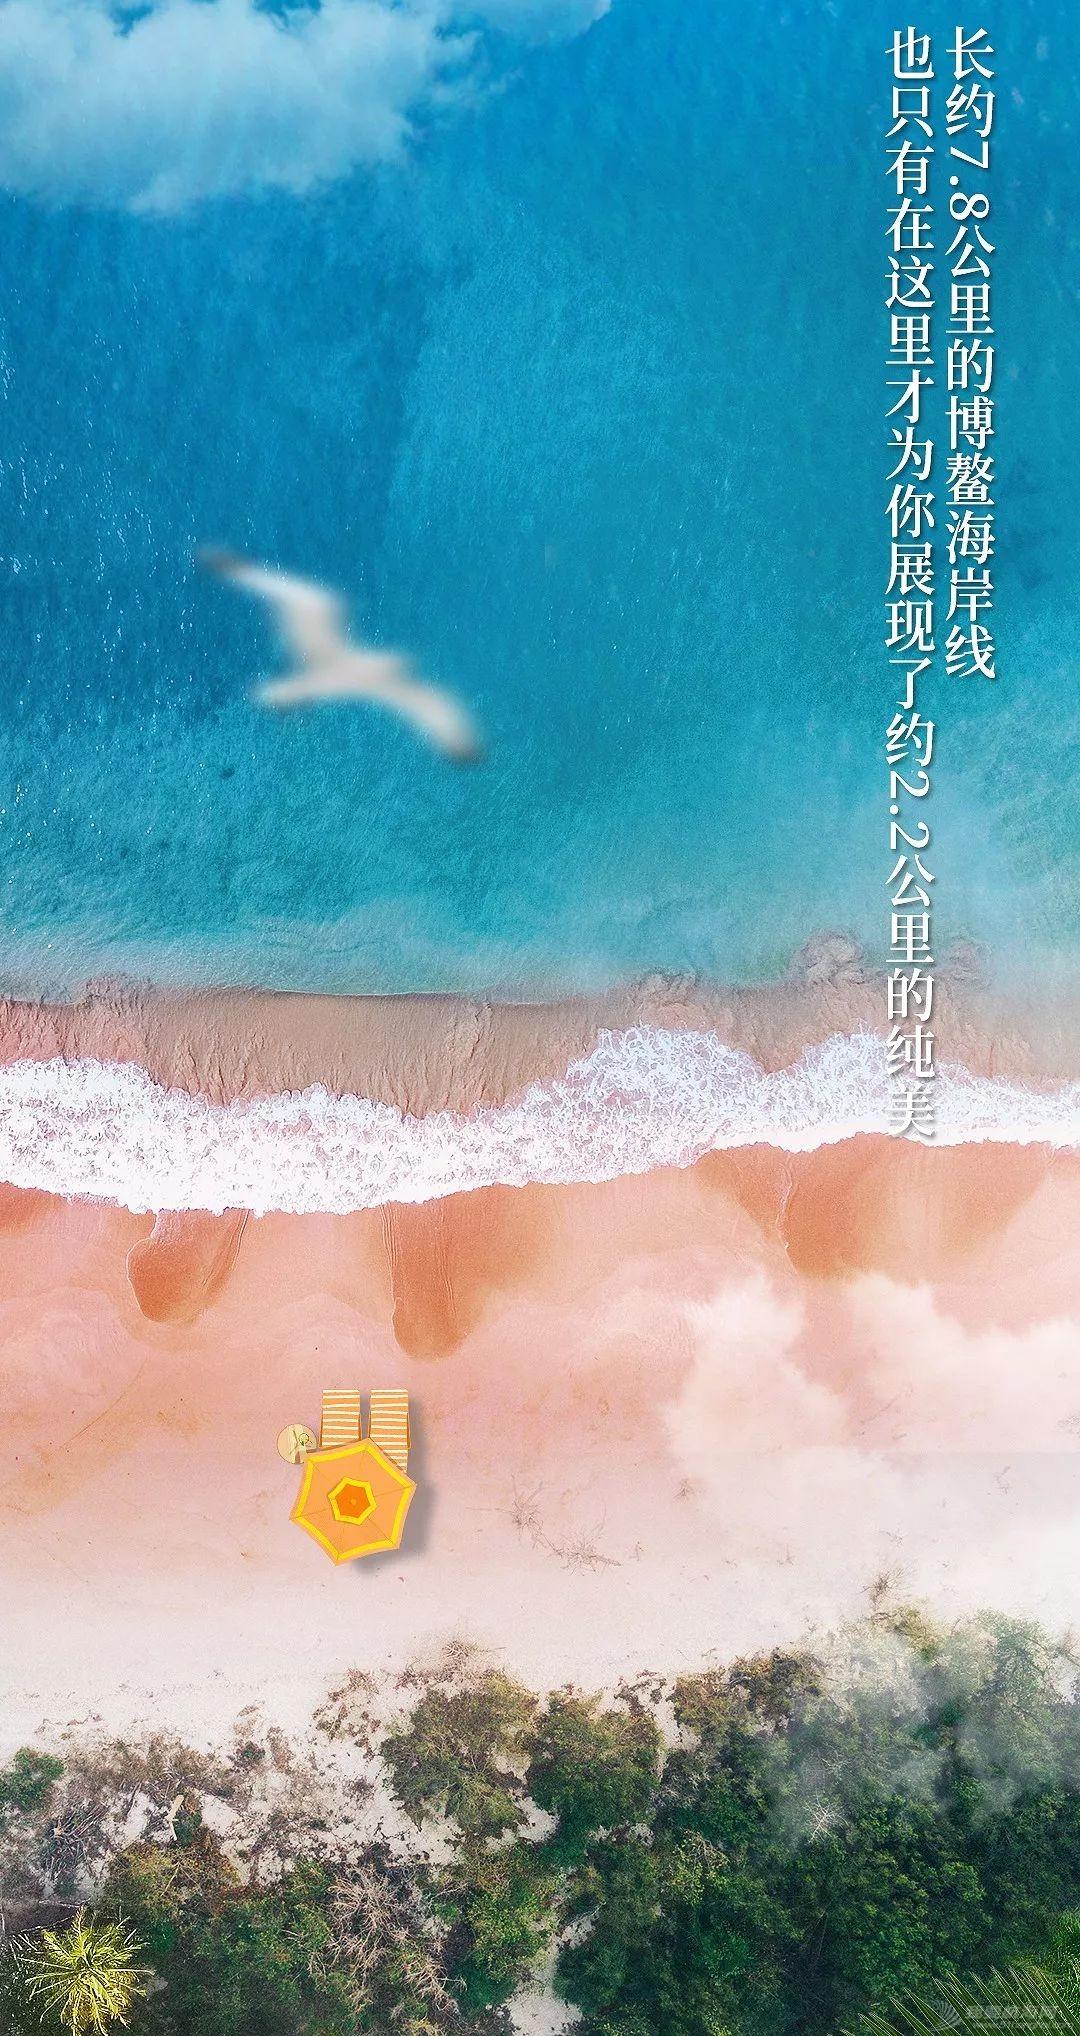 融创金成博鳌金湾—2018第二届更路簿杯帆船赛唯一指定酒店.w8.jpg